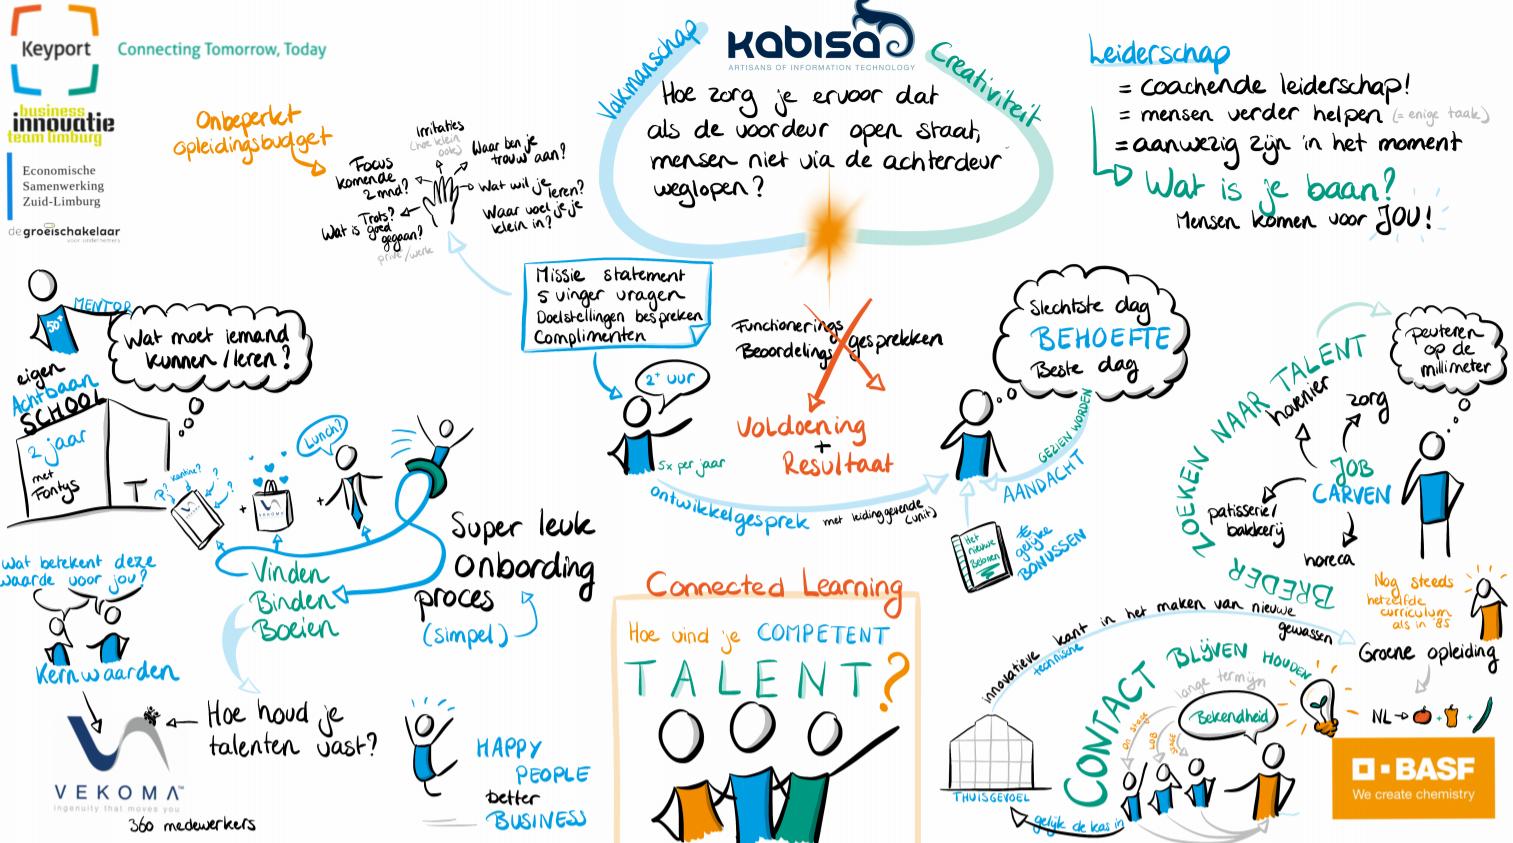 Hoe vind, bind en boei je competent talent? Deze bedrijven delen hun ervaringen